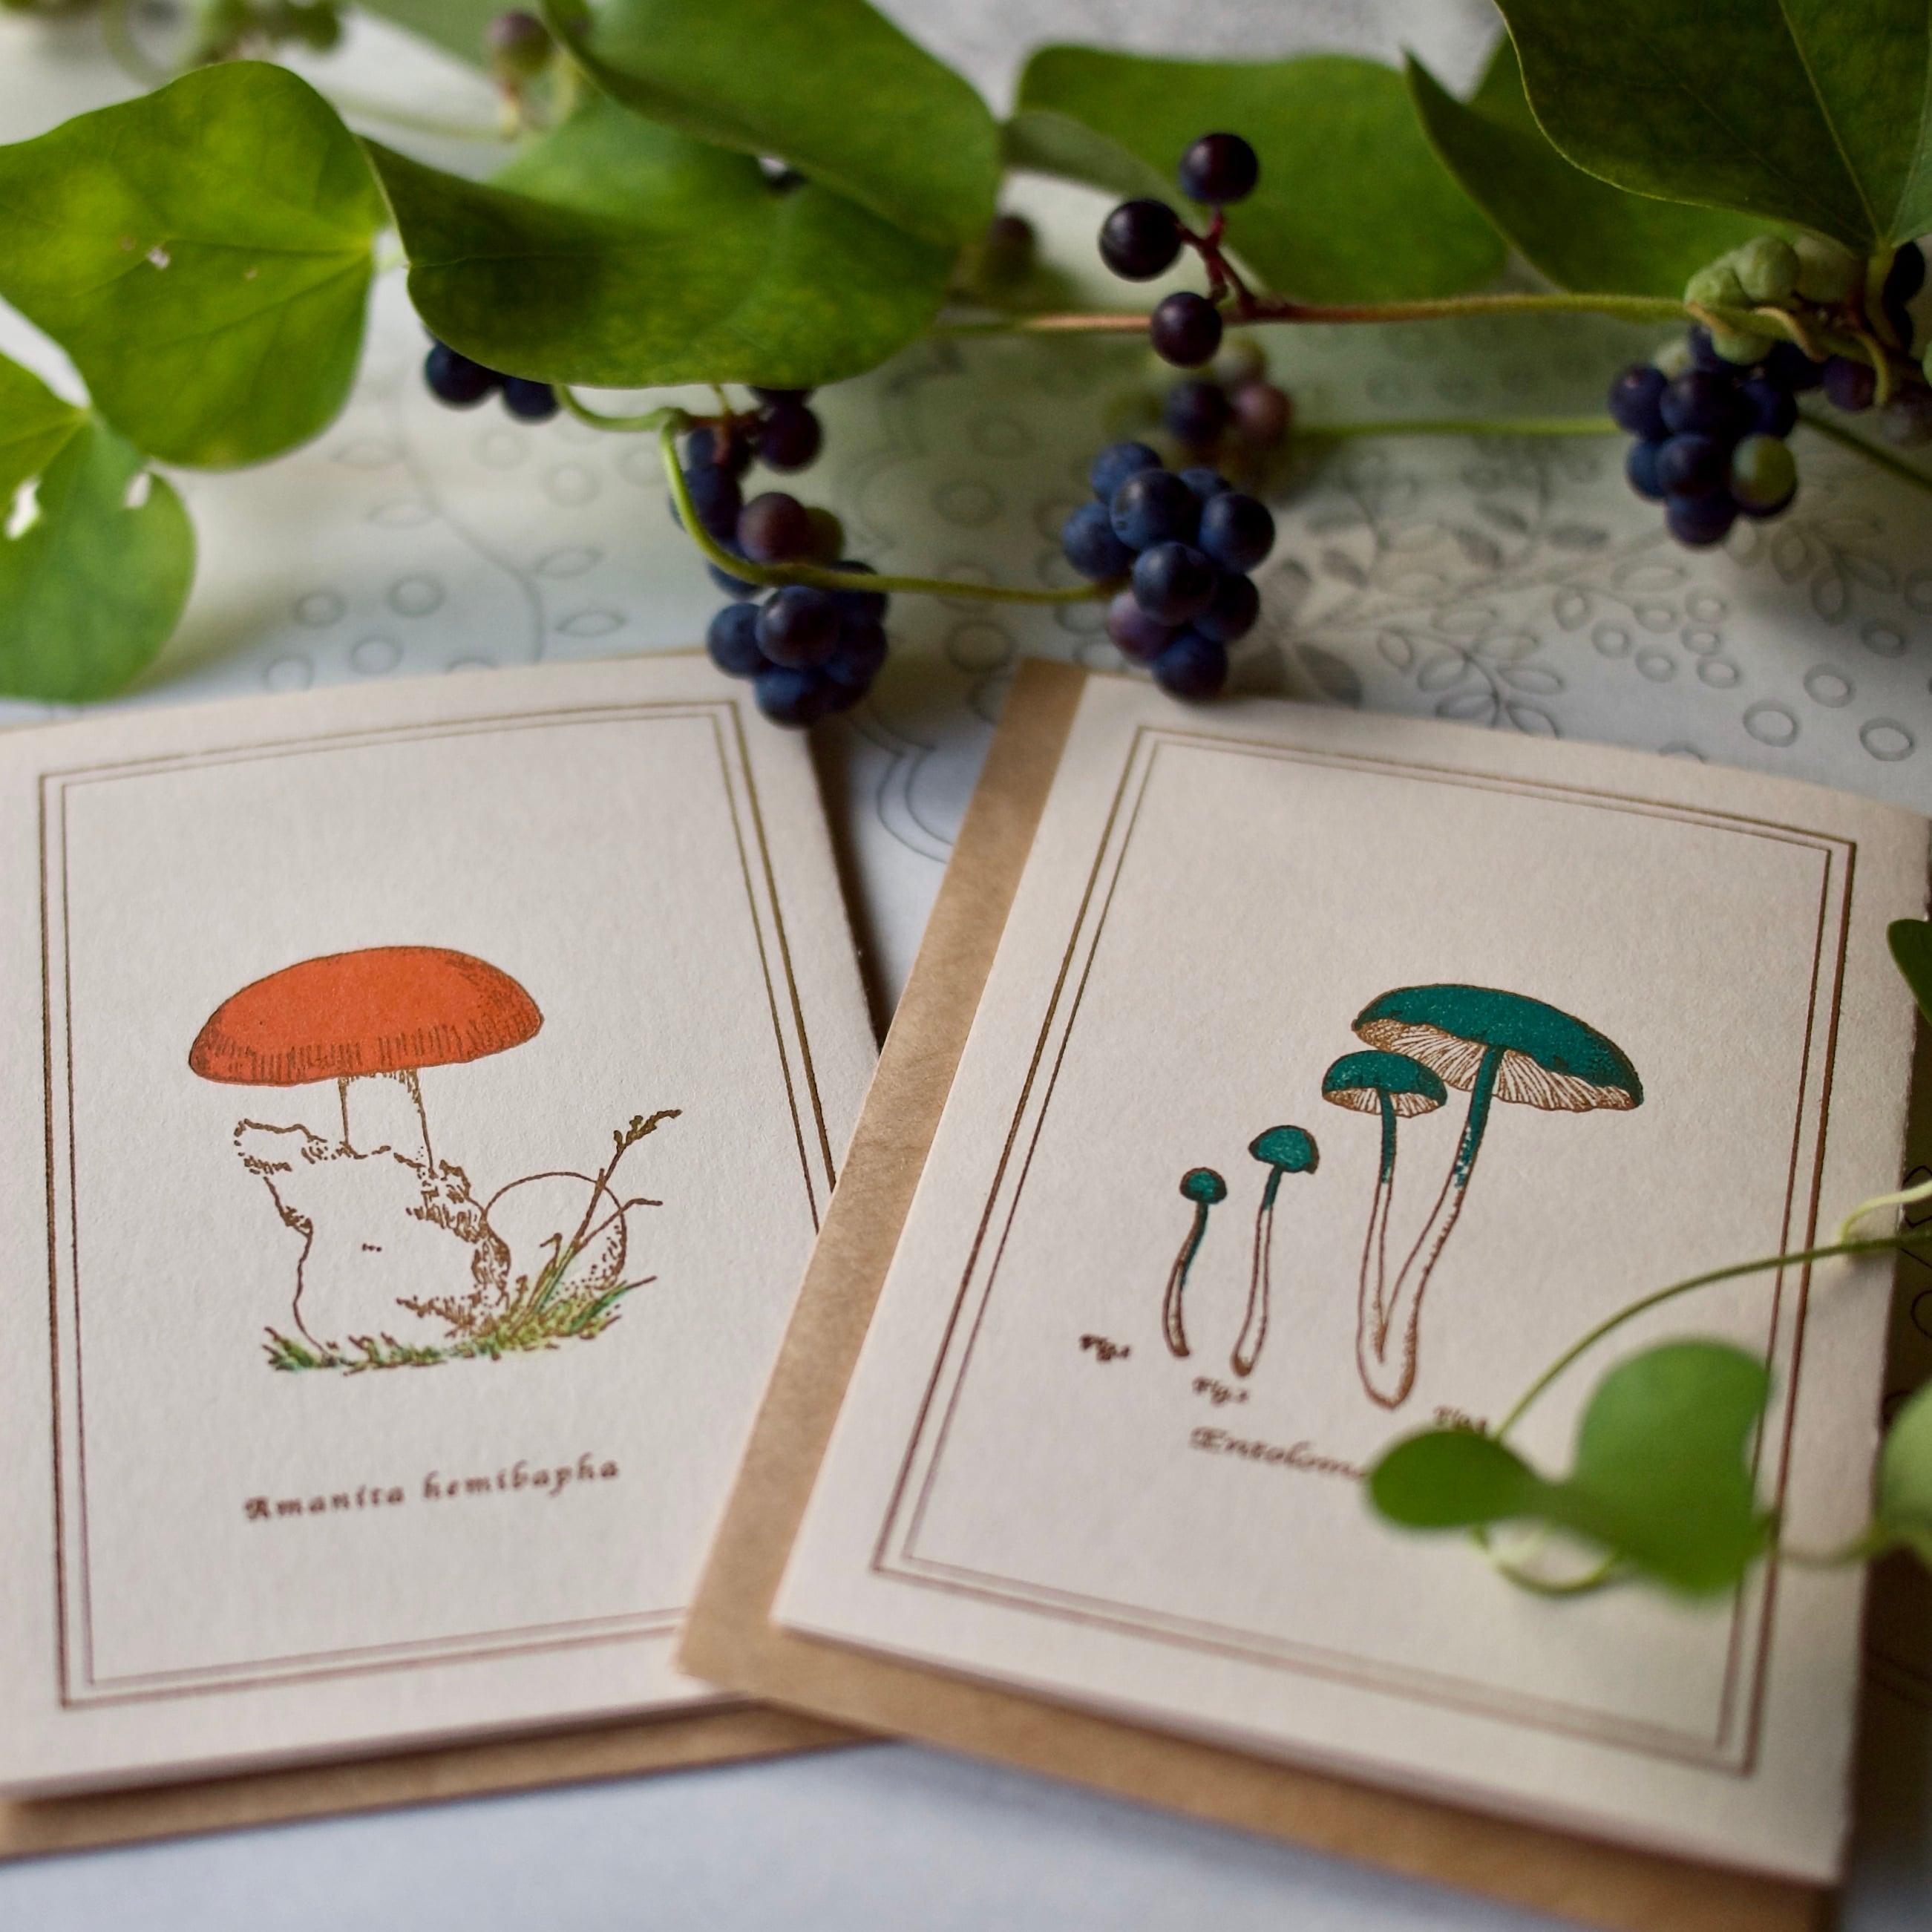 【キノコの小さいカード 2枚組】タマゴタケ・イッポンシメジ / カード2枚+封筒2枚/活版印刷